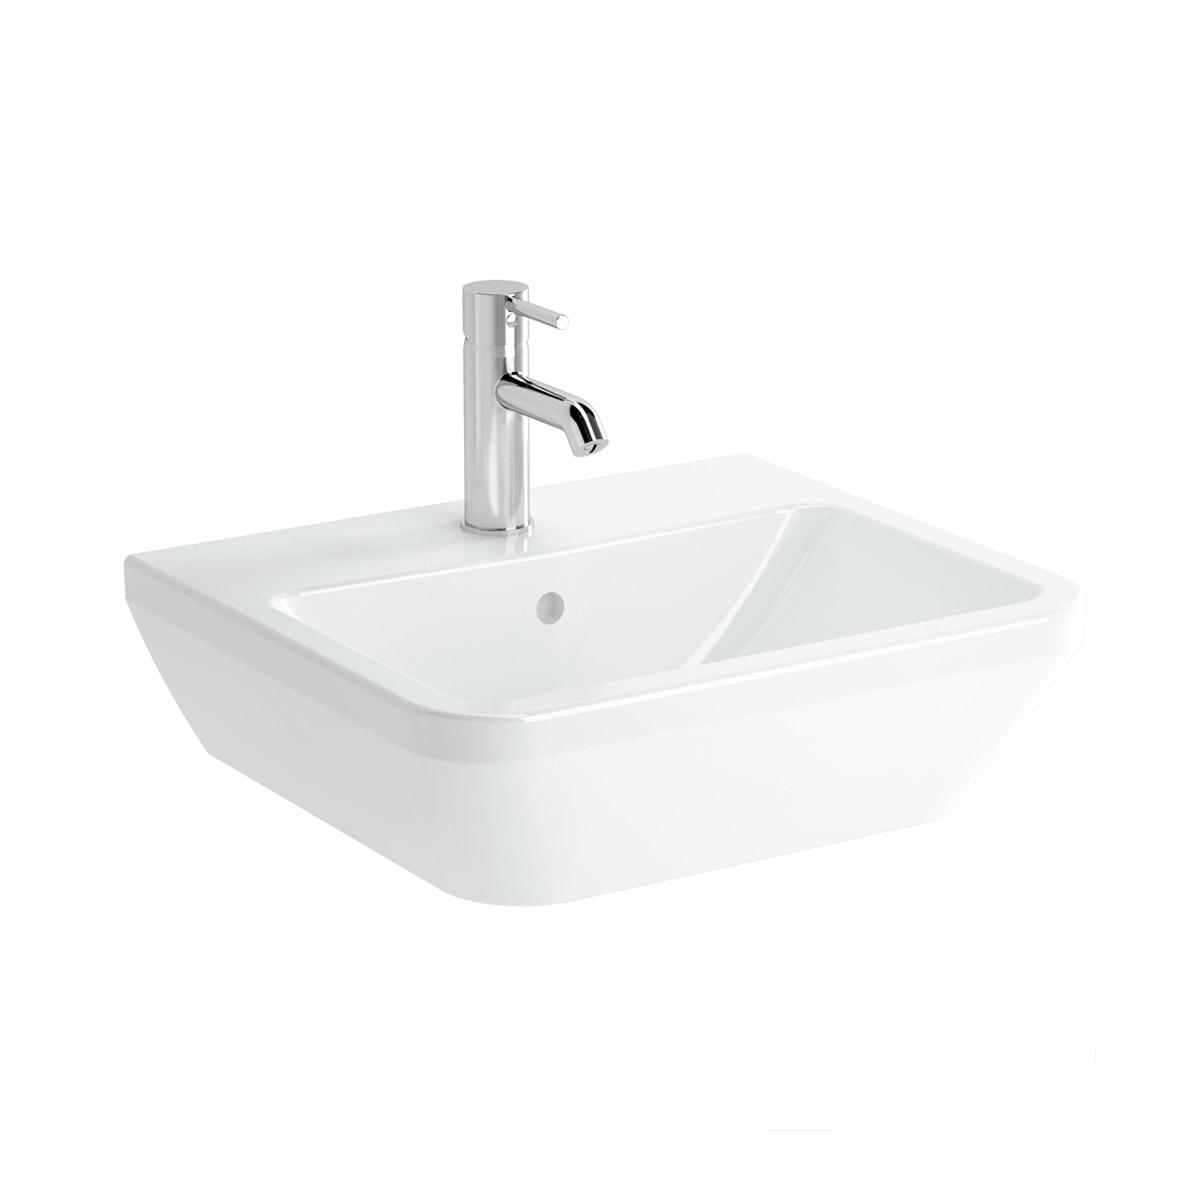 Integra Waschtisch, 55 cm, eckig, mit Hahnloch, mit Überlaufloch, Weiß, VitrA Clean